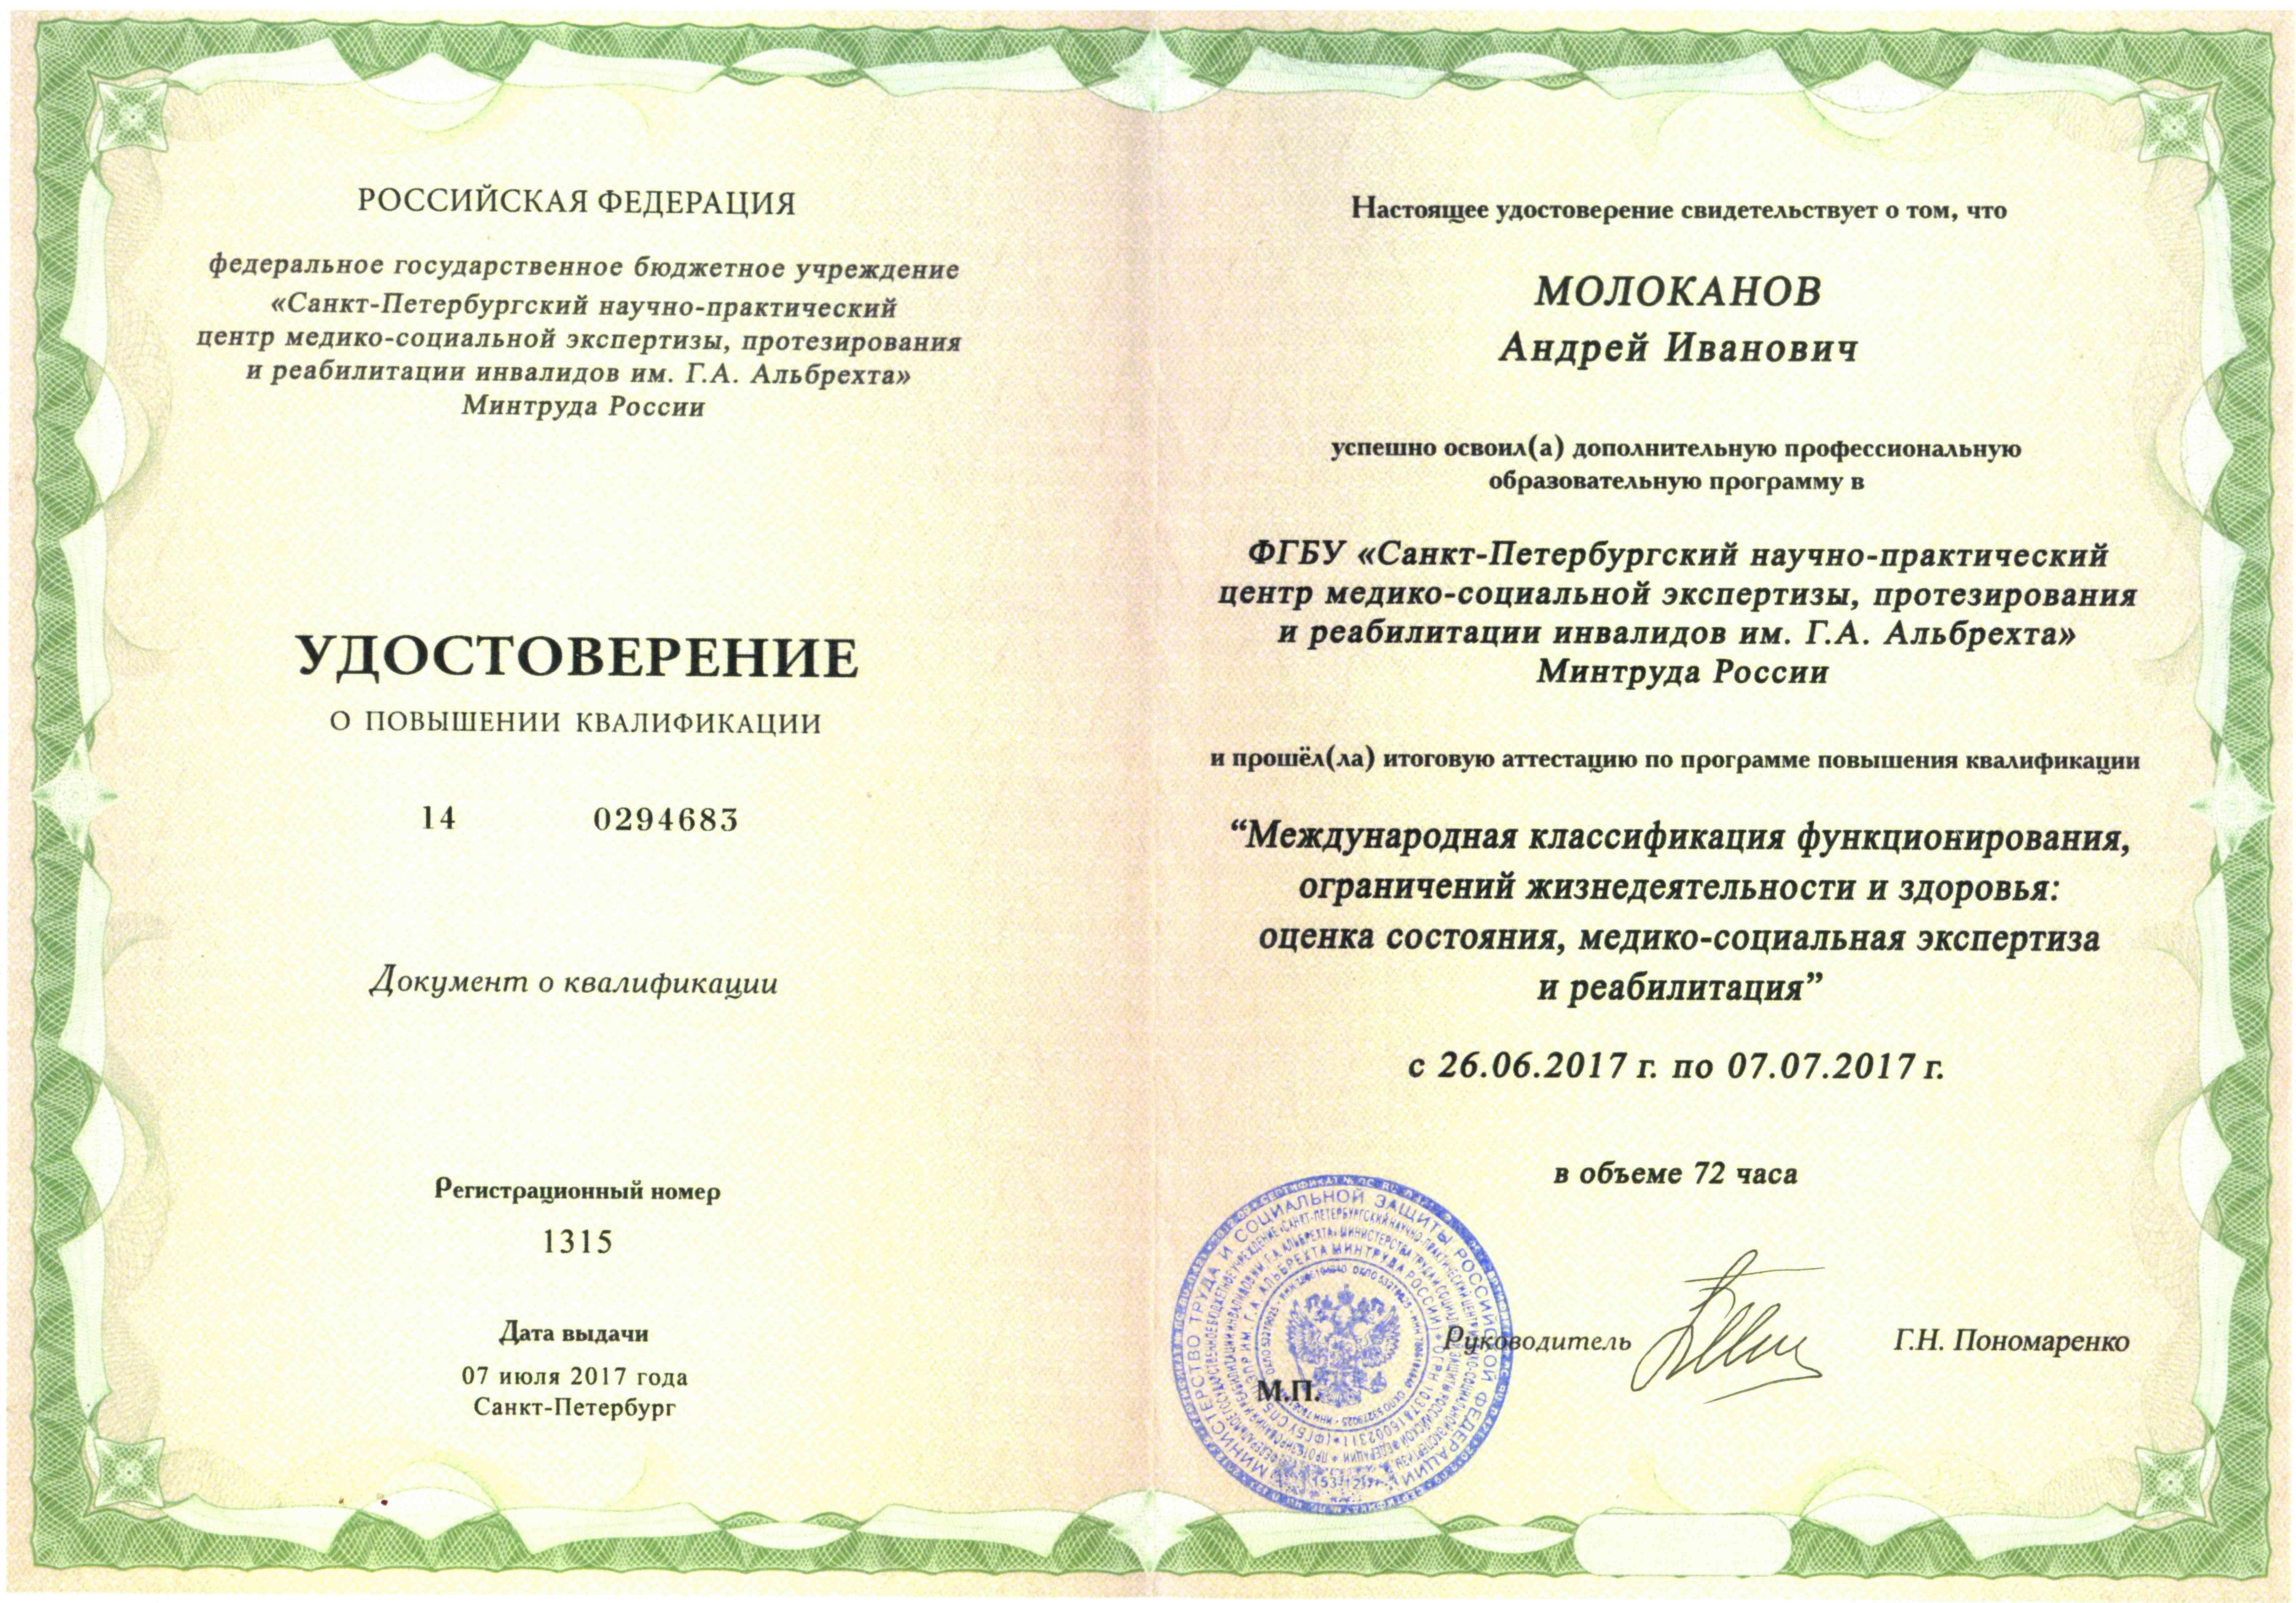 Повышение квалификации (СПб).